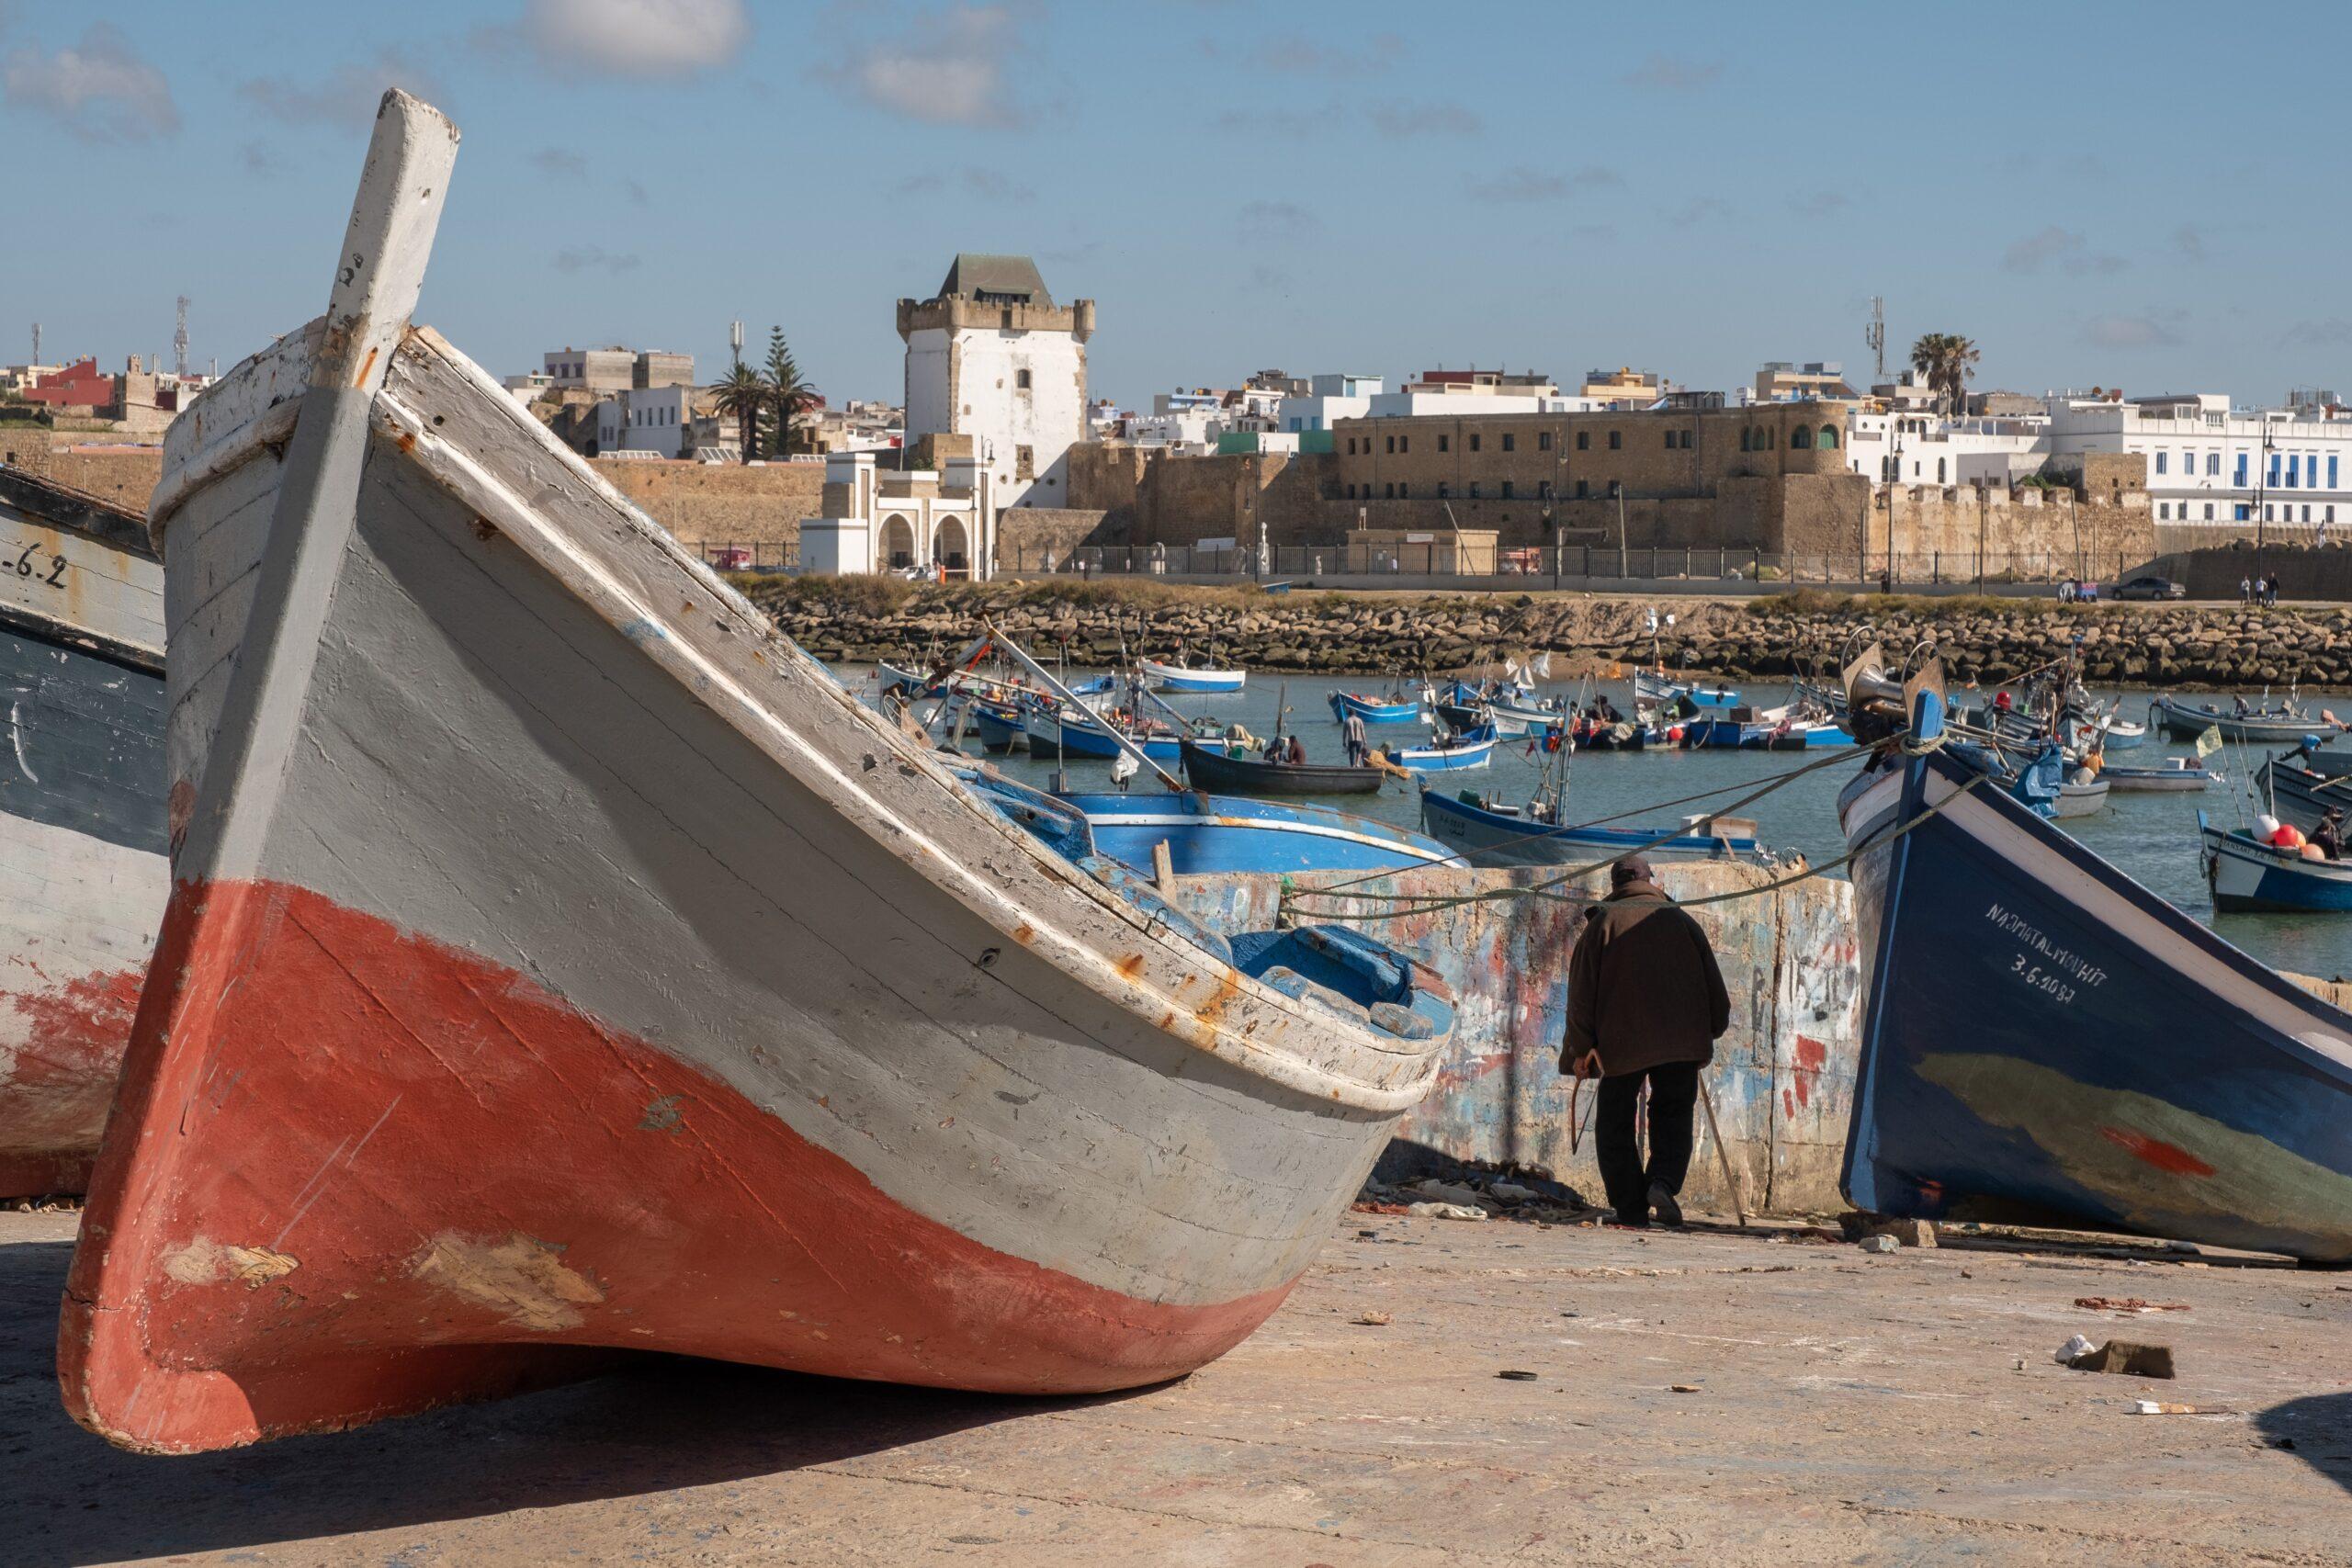 Imagen de la noticia protección de los derechos humanos y asistencia básica a los migrantes subsaharianos menores no acompañados y adultos en situación de extrema vulnerabilidad en Nador, Marruecos